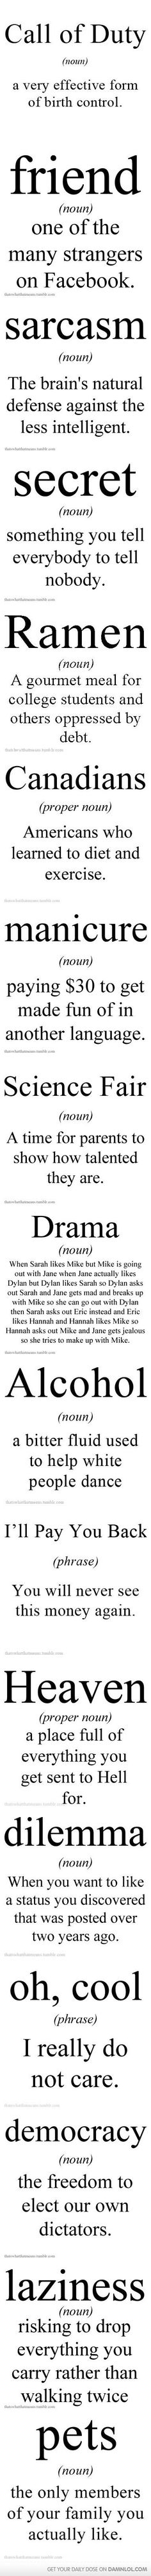 lol true: